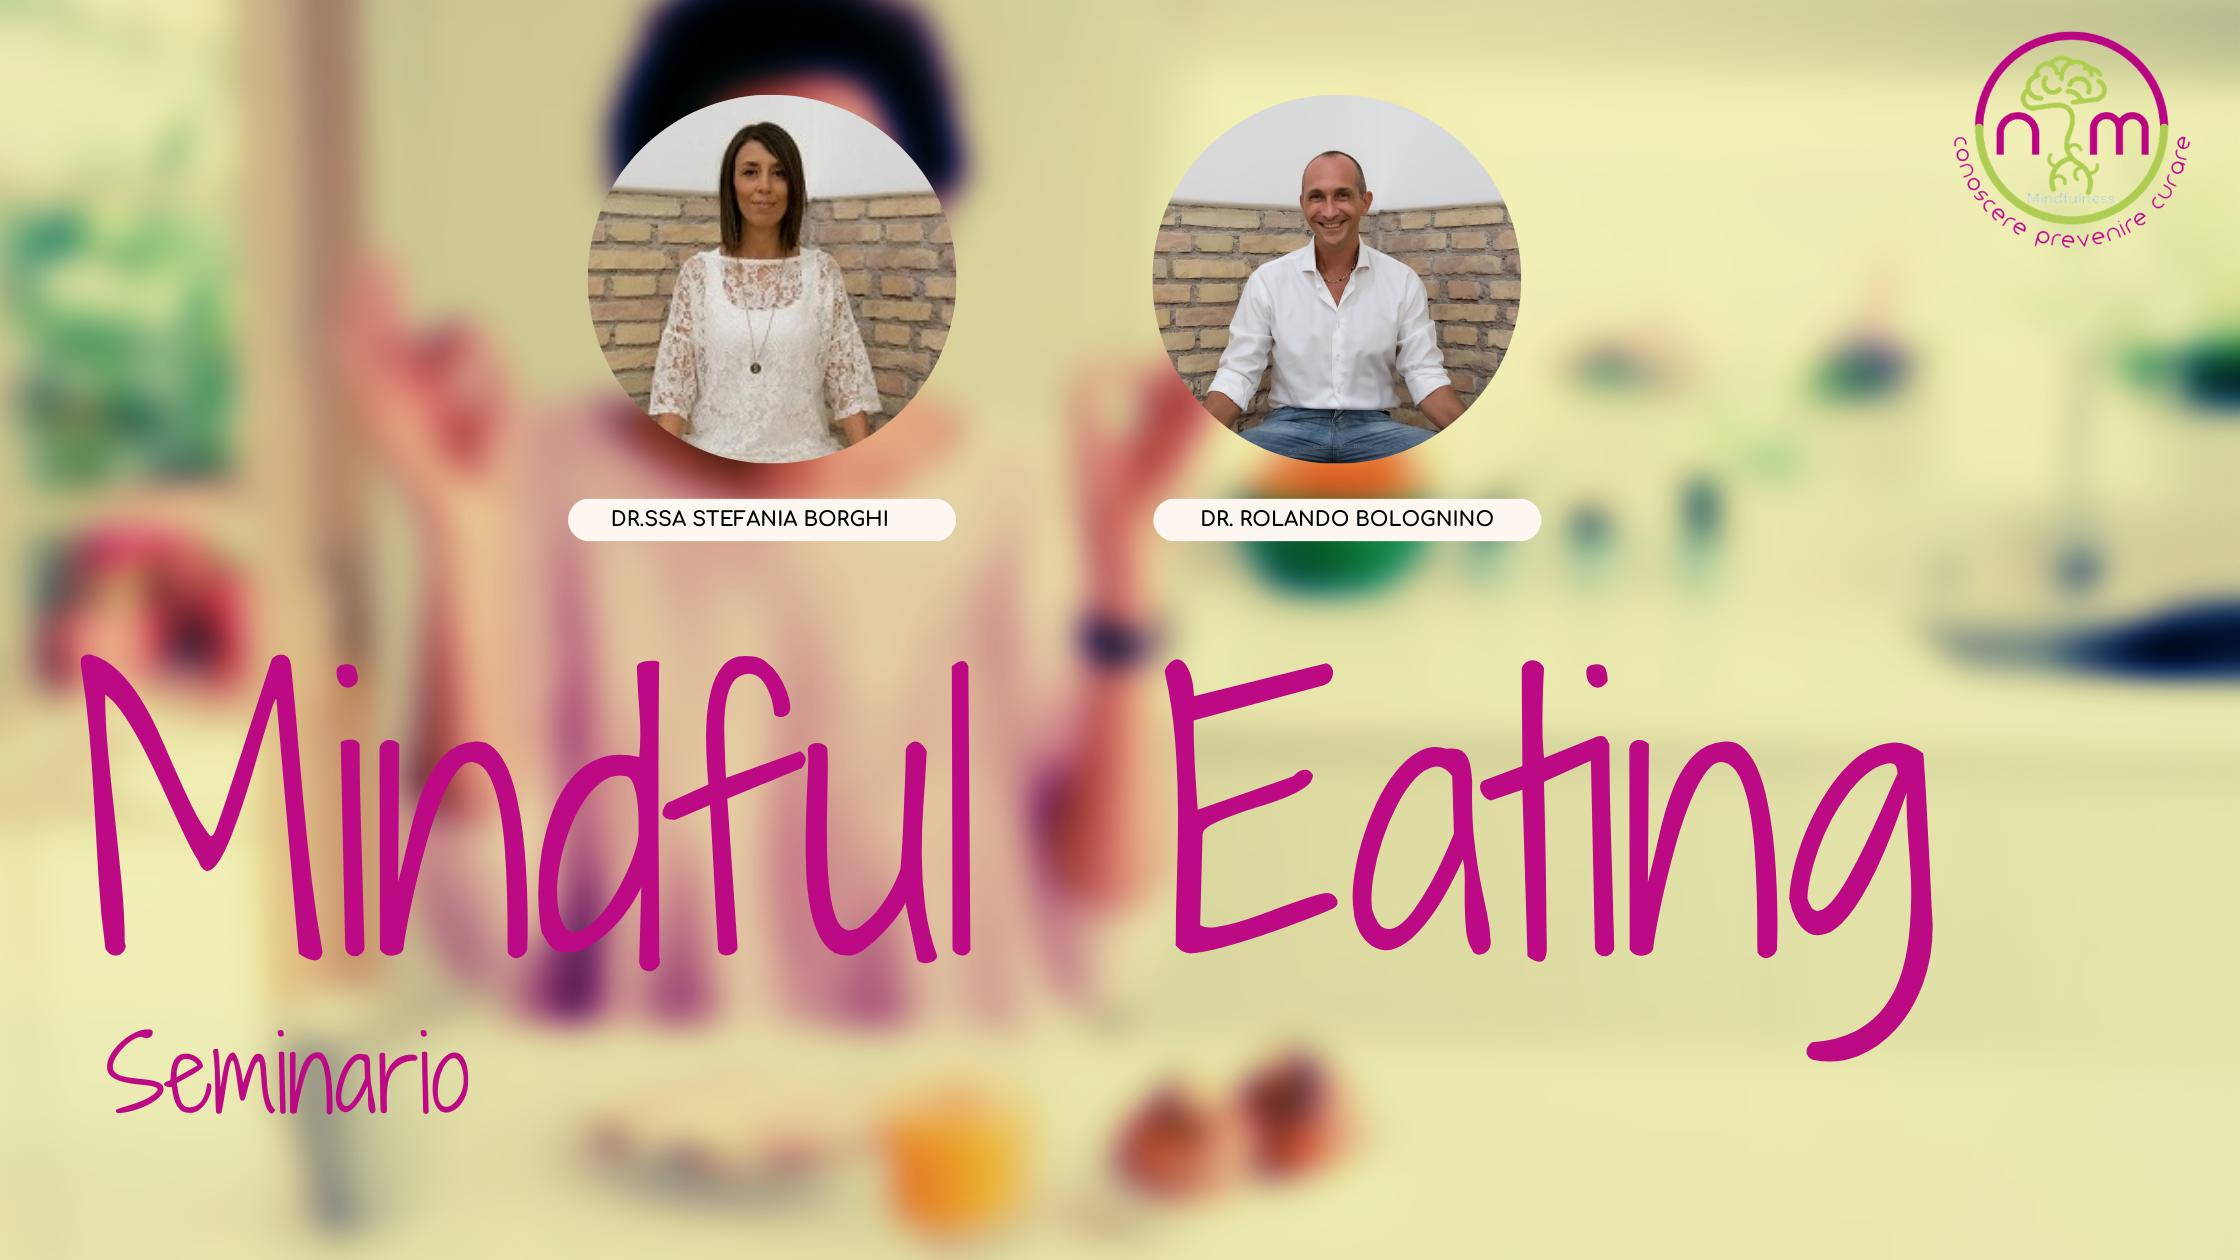 Seminario: Mindful Eating: nutrirsi in consapevolezza, momento dopo momento.